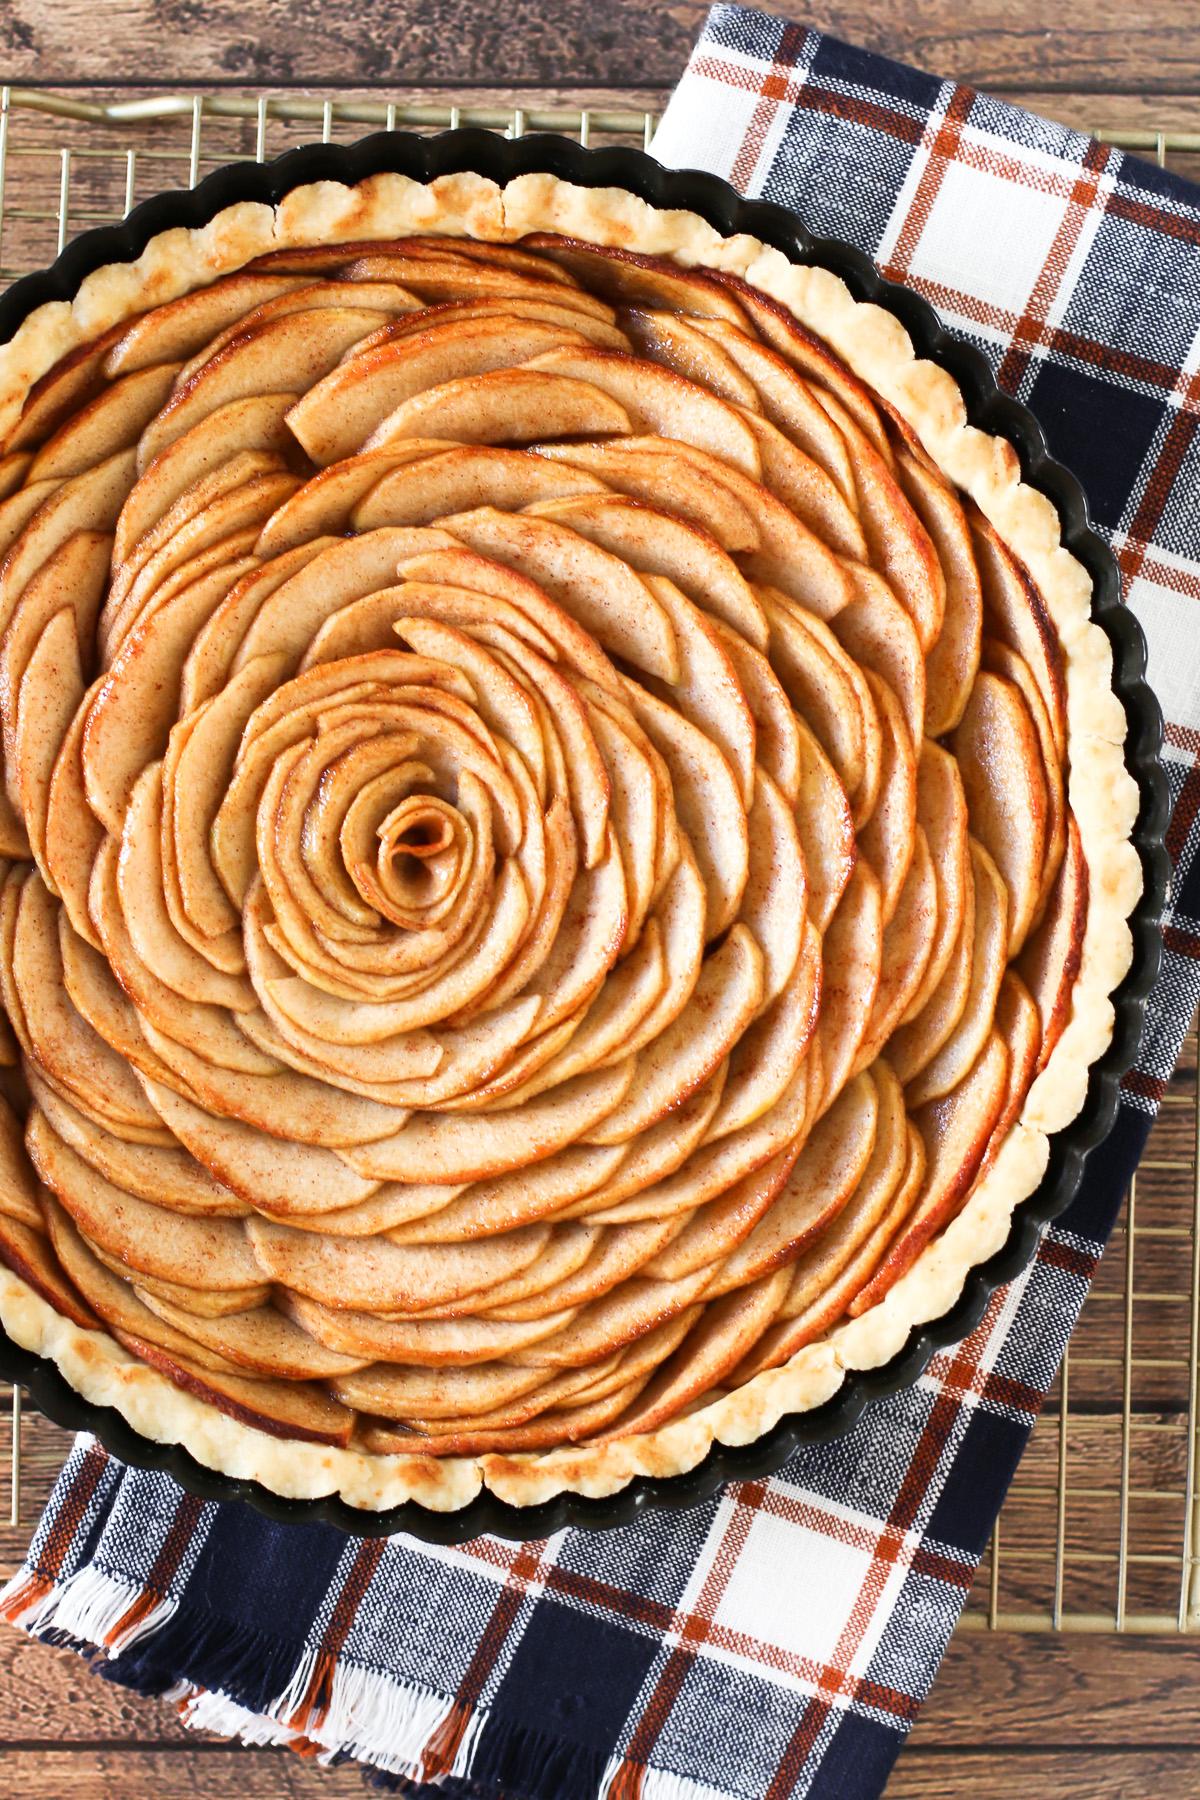 Gluten Free Vegan Apple Tart Sarah Bakes Gluten Free